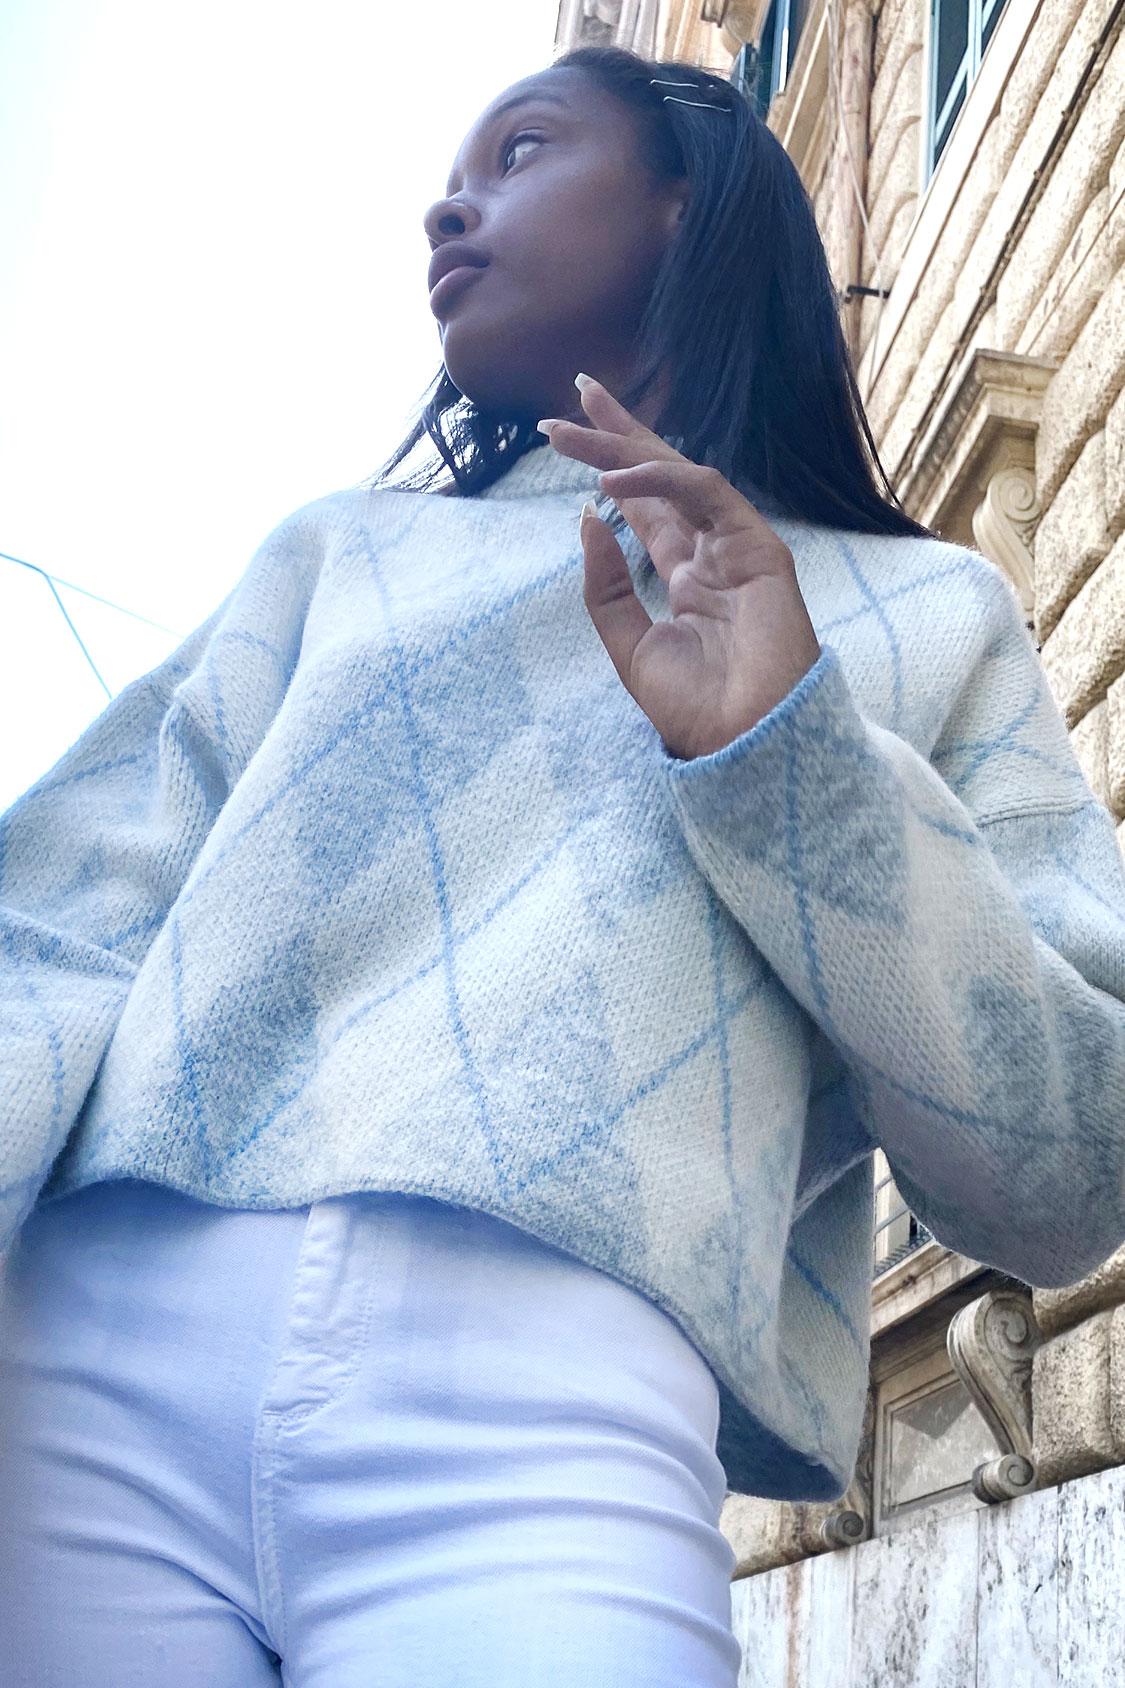 Oversized argyle sweater